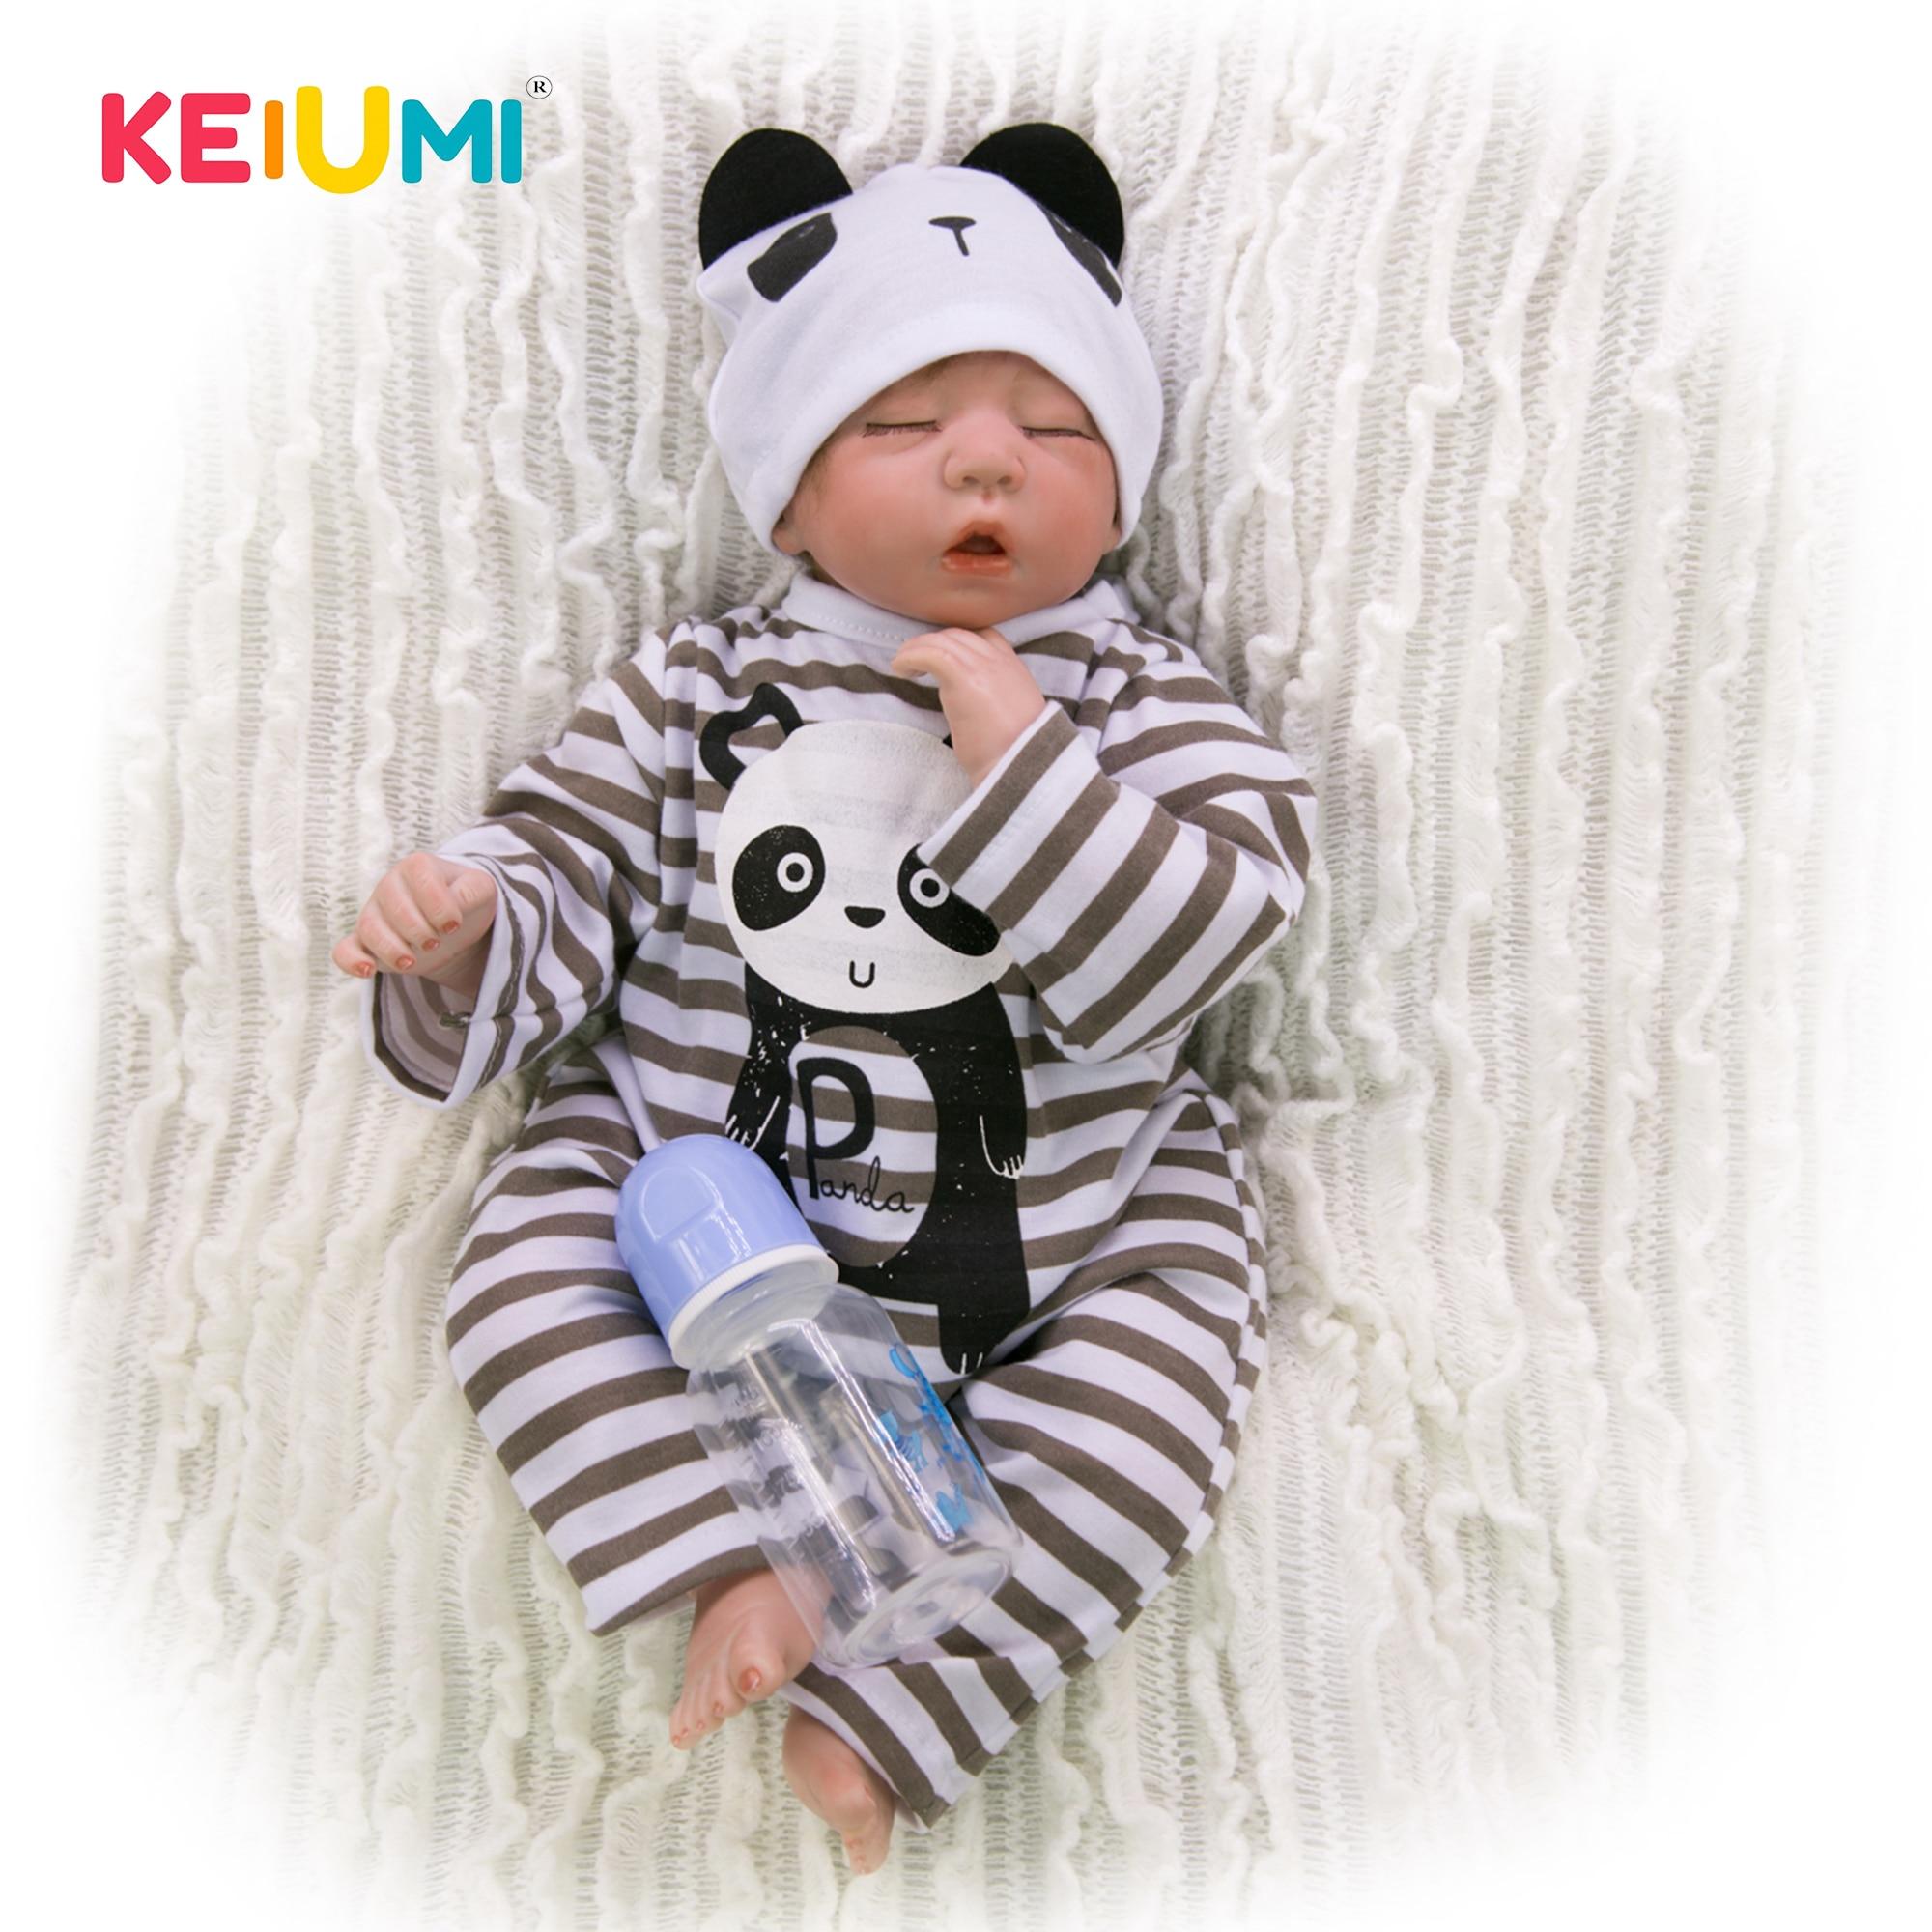 Usura Panda Pagliaccetto 20 Pollici Reborn Bambole Del Bambino Molle Del Silicone Sacco A Pelo Neonato Neonati Toy Realistica Bambola Con I Capelli di Compleanno Per Bambini regalo-in Bambole da Giocattoli e hobby su  Gruppo 1